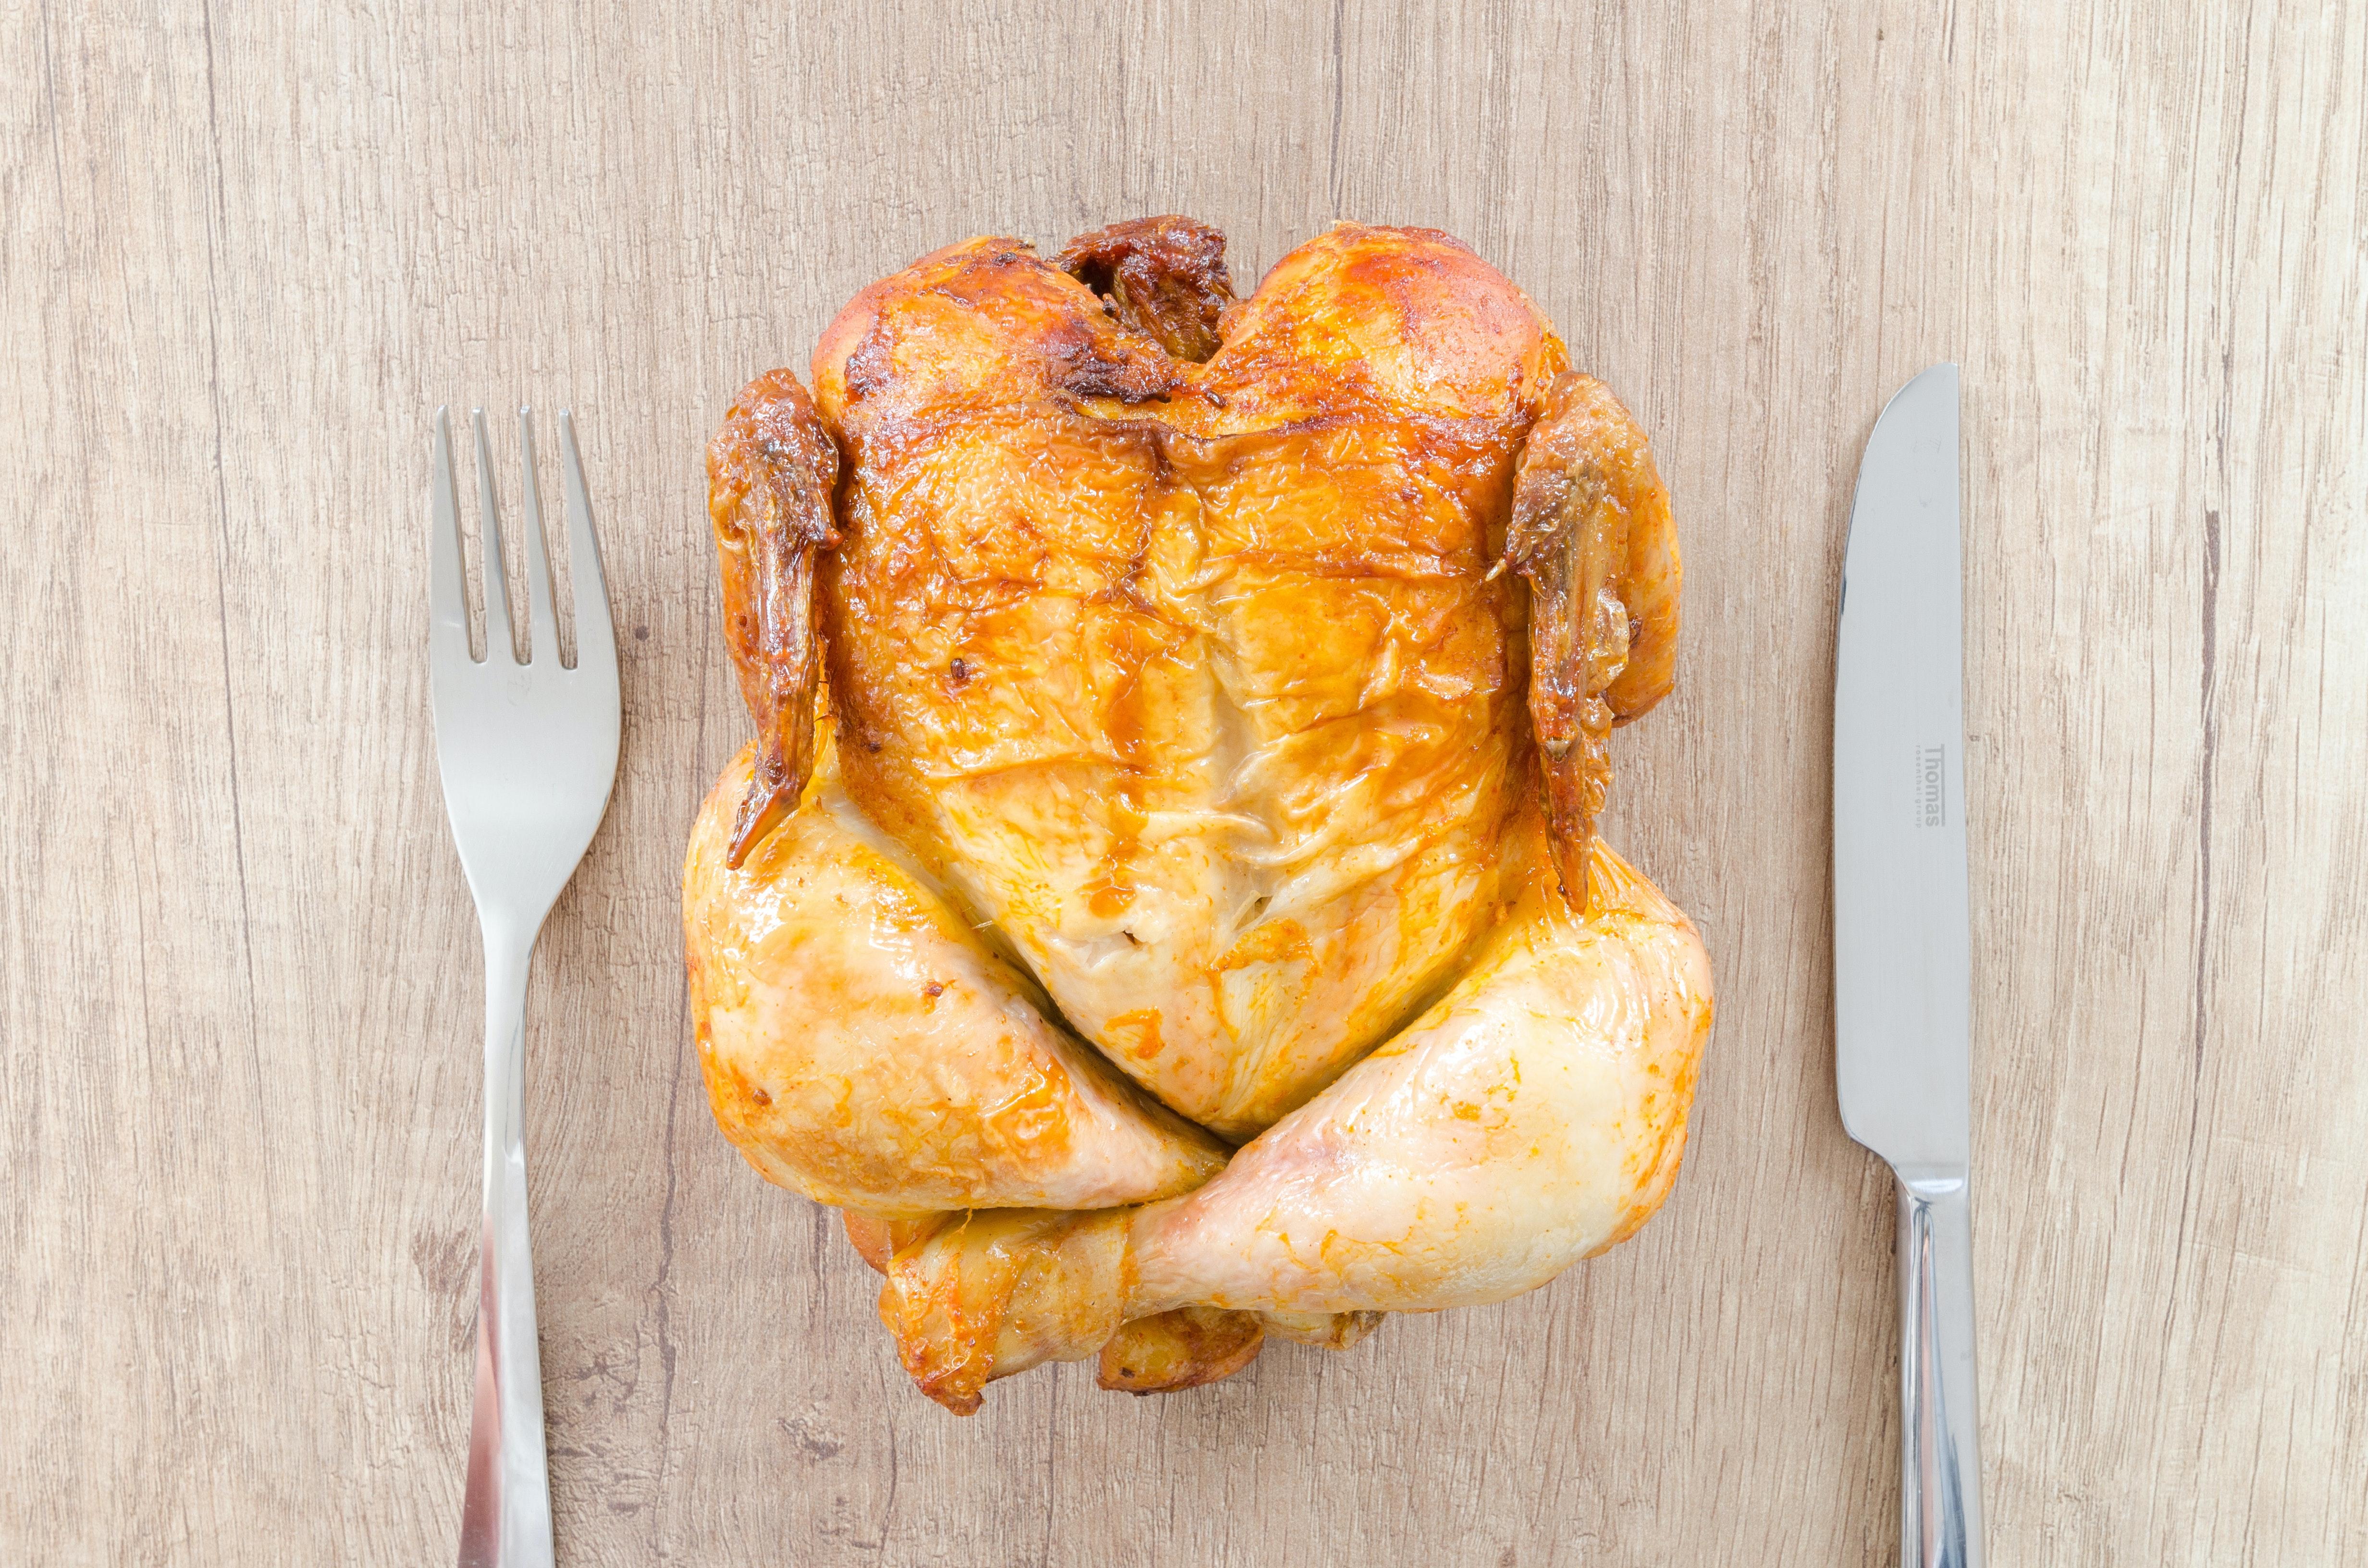 Chicken Share